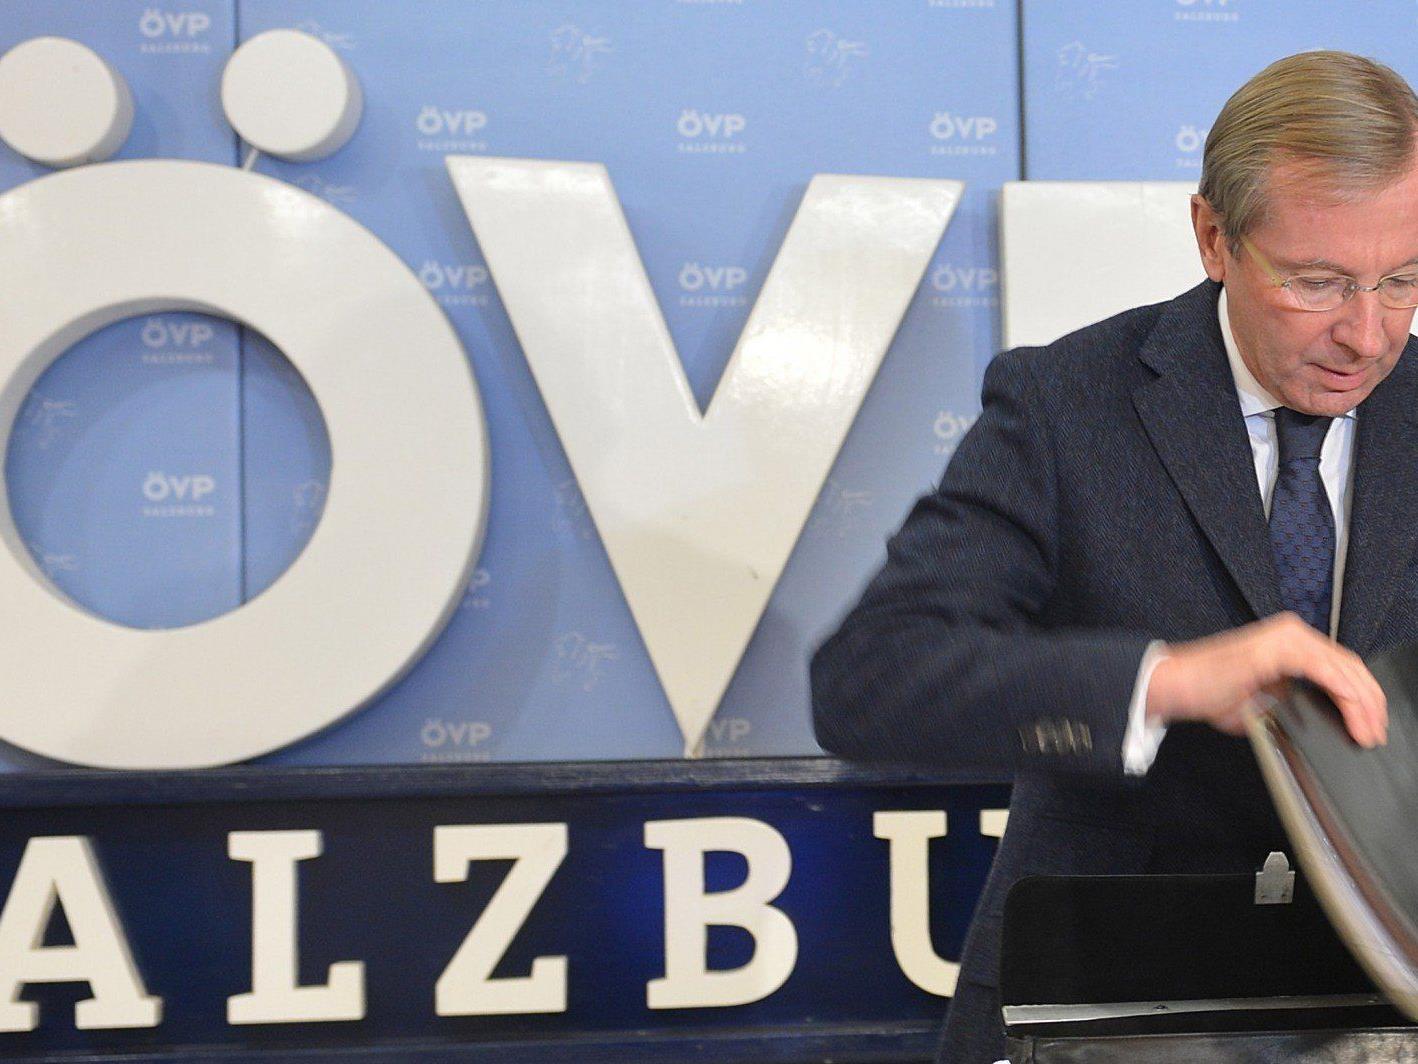 Die Salzburger ÖVP will ihren Wahlkampf zur Landtagswahl bewusst altmodisch gestalten.